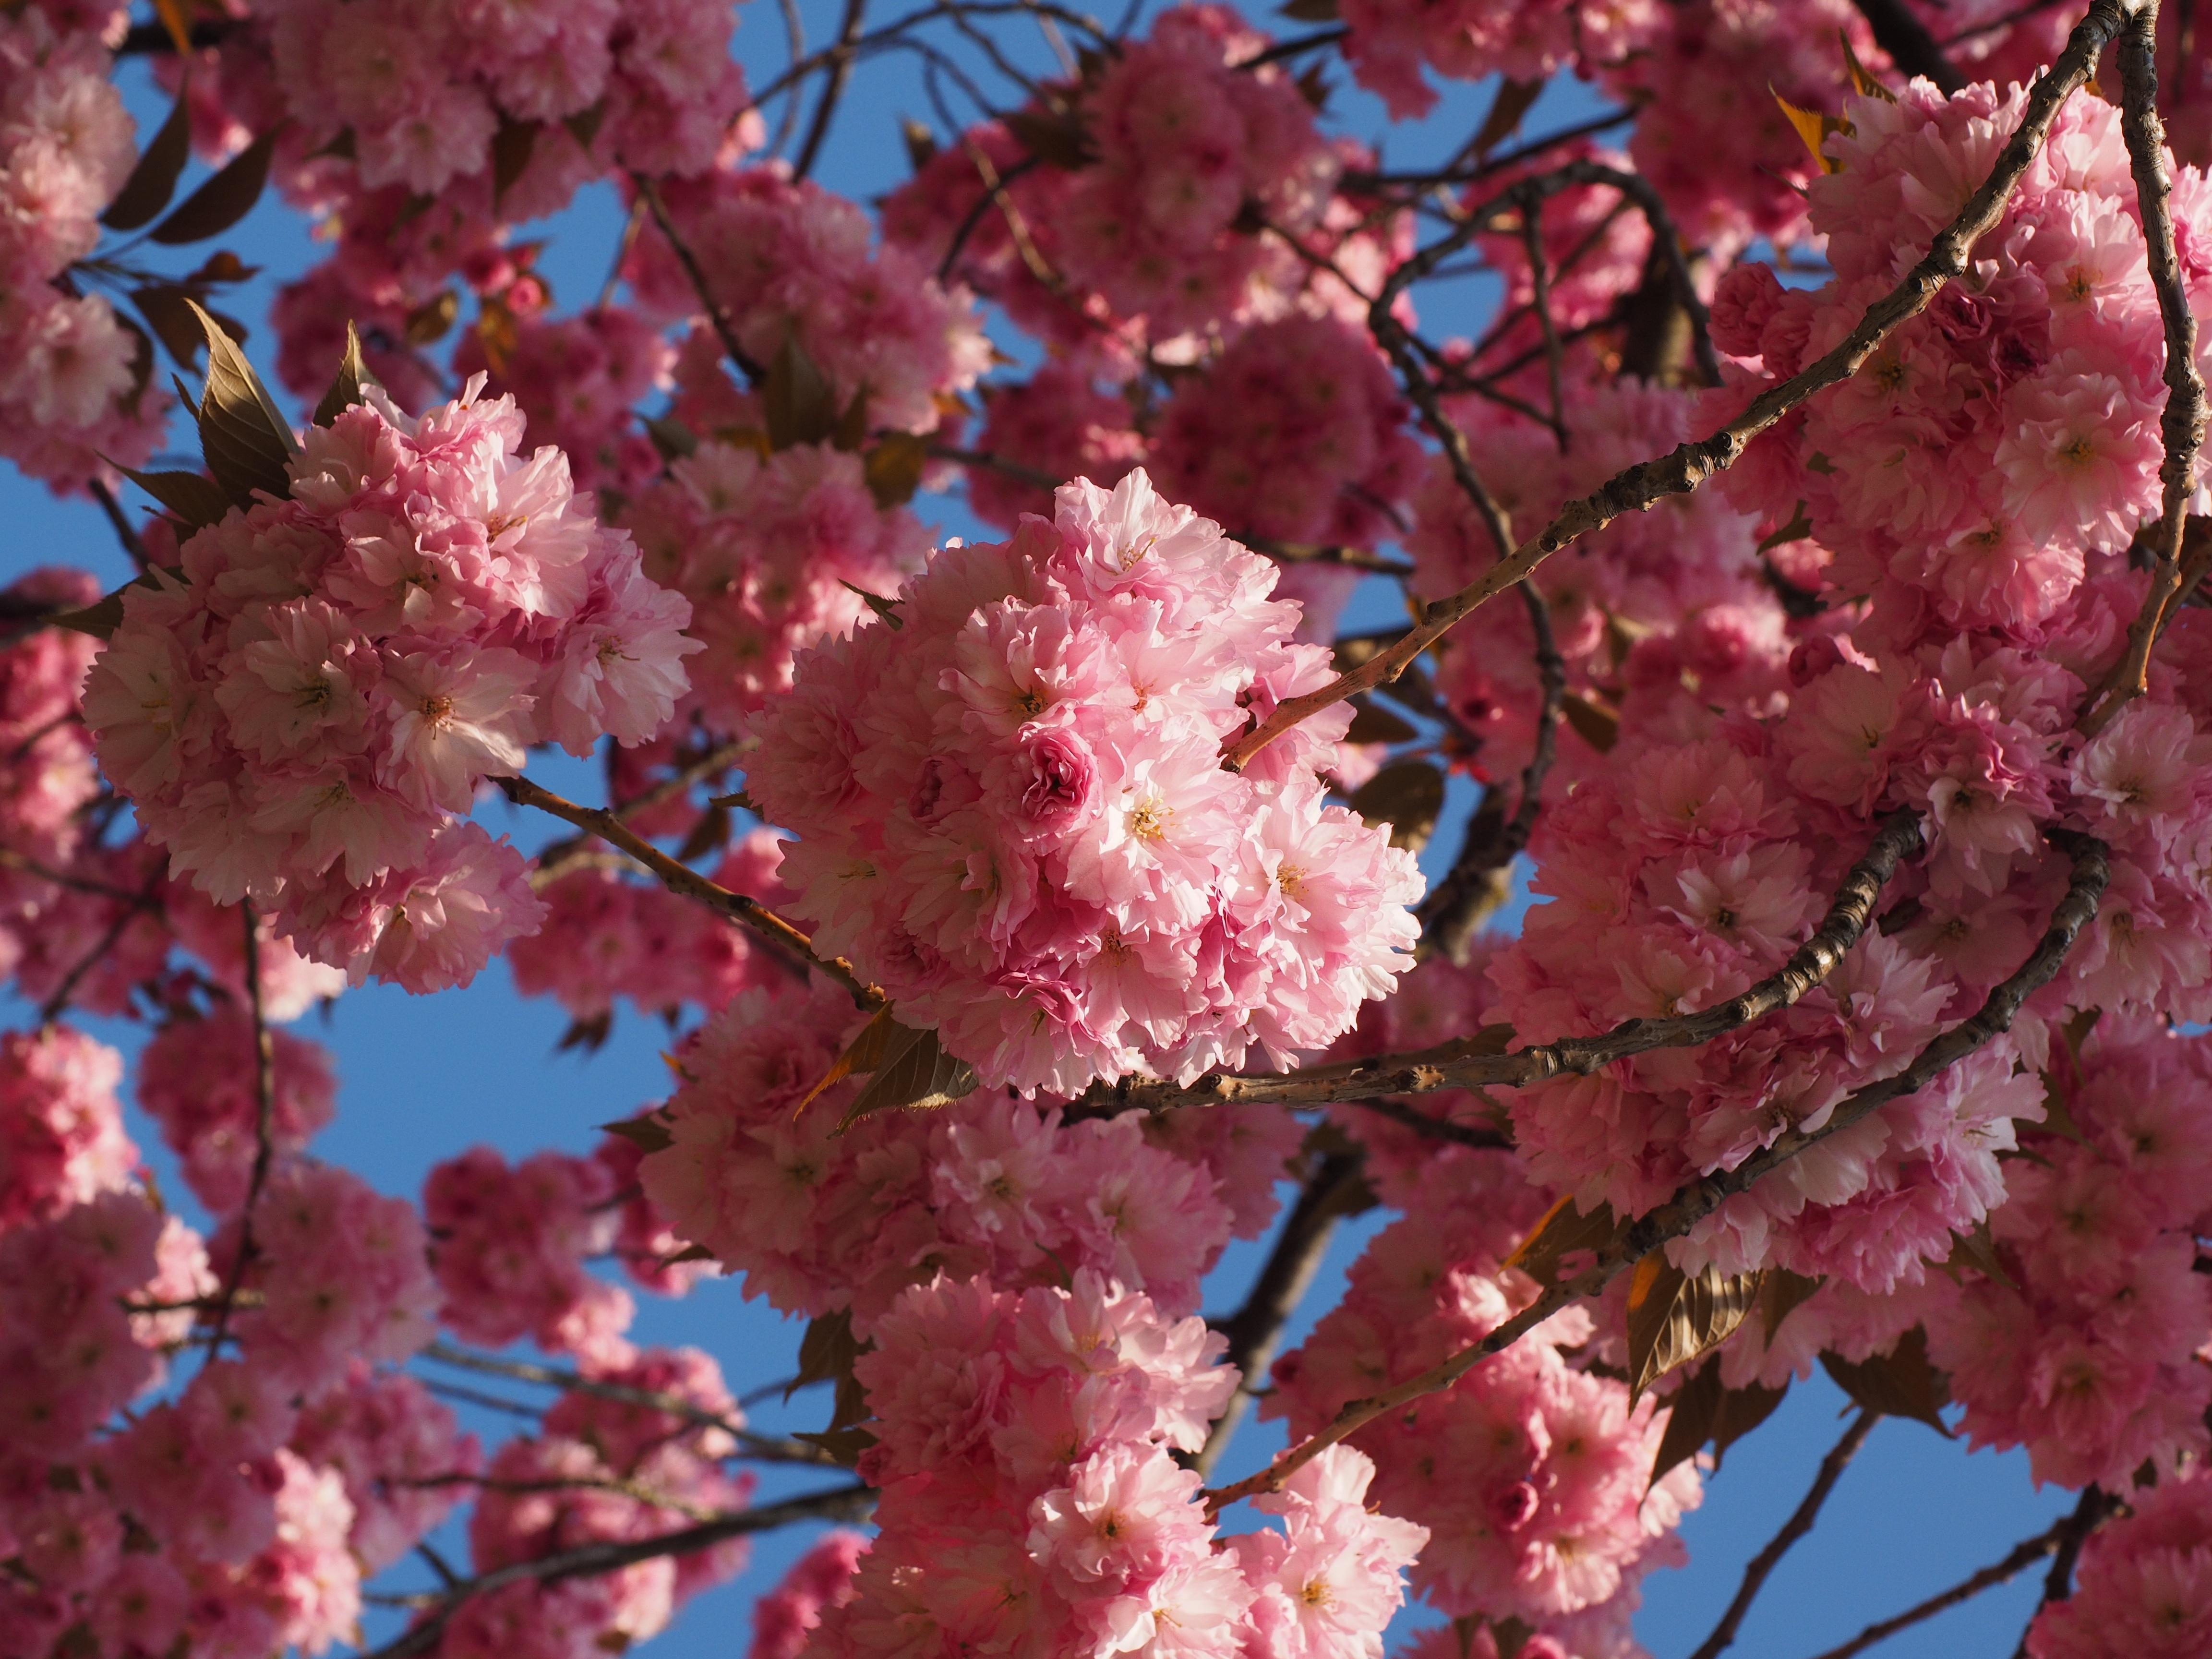 главных ролей фото деревьев с розовыми цветами стильный образ боб-каре